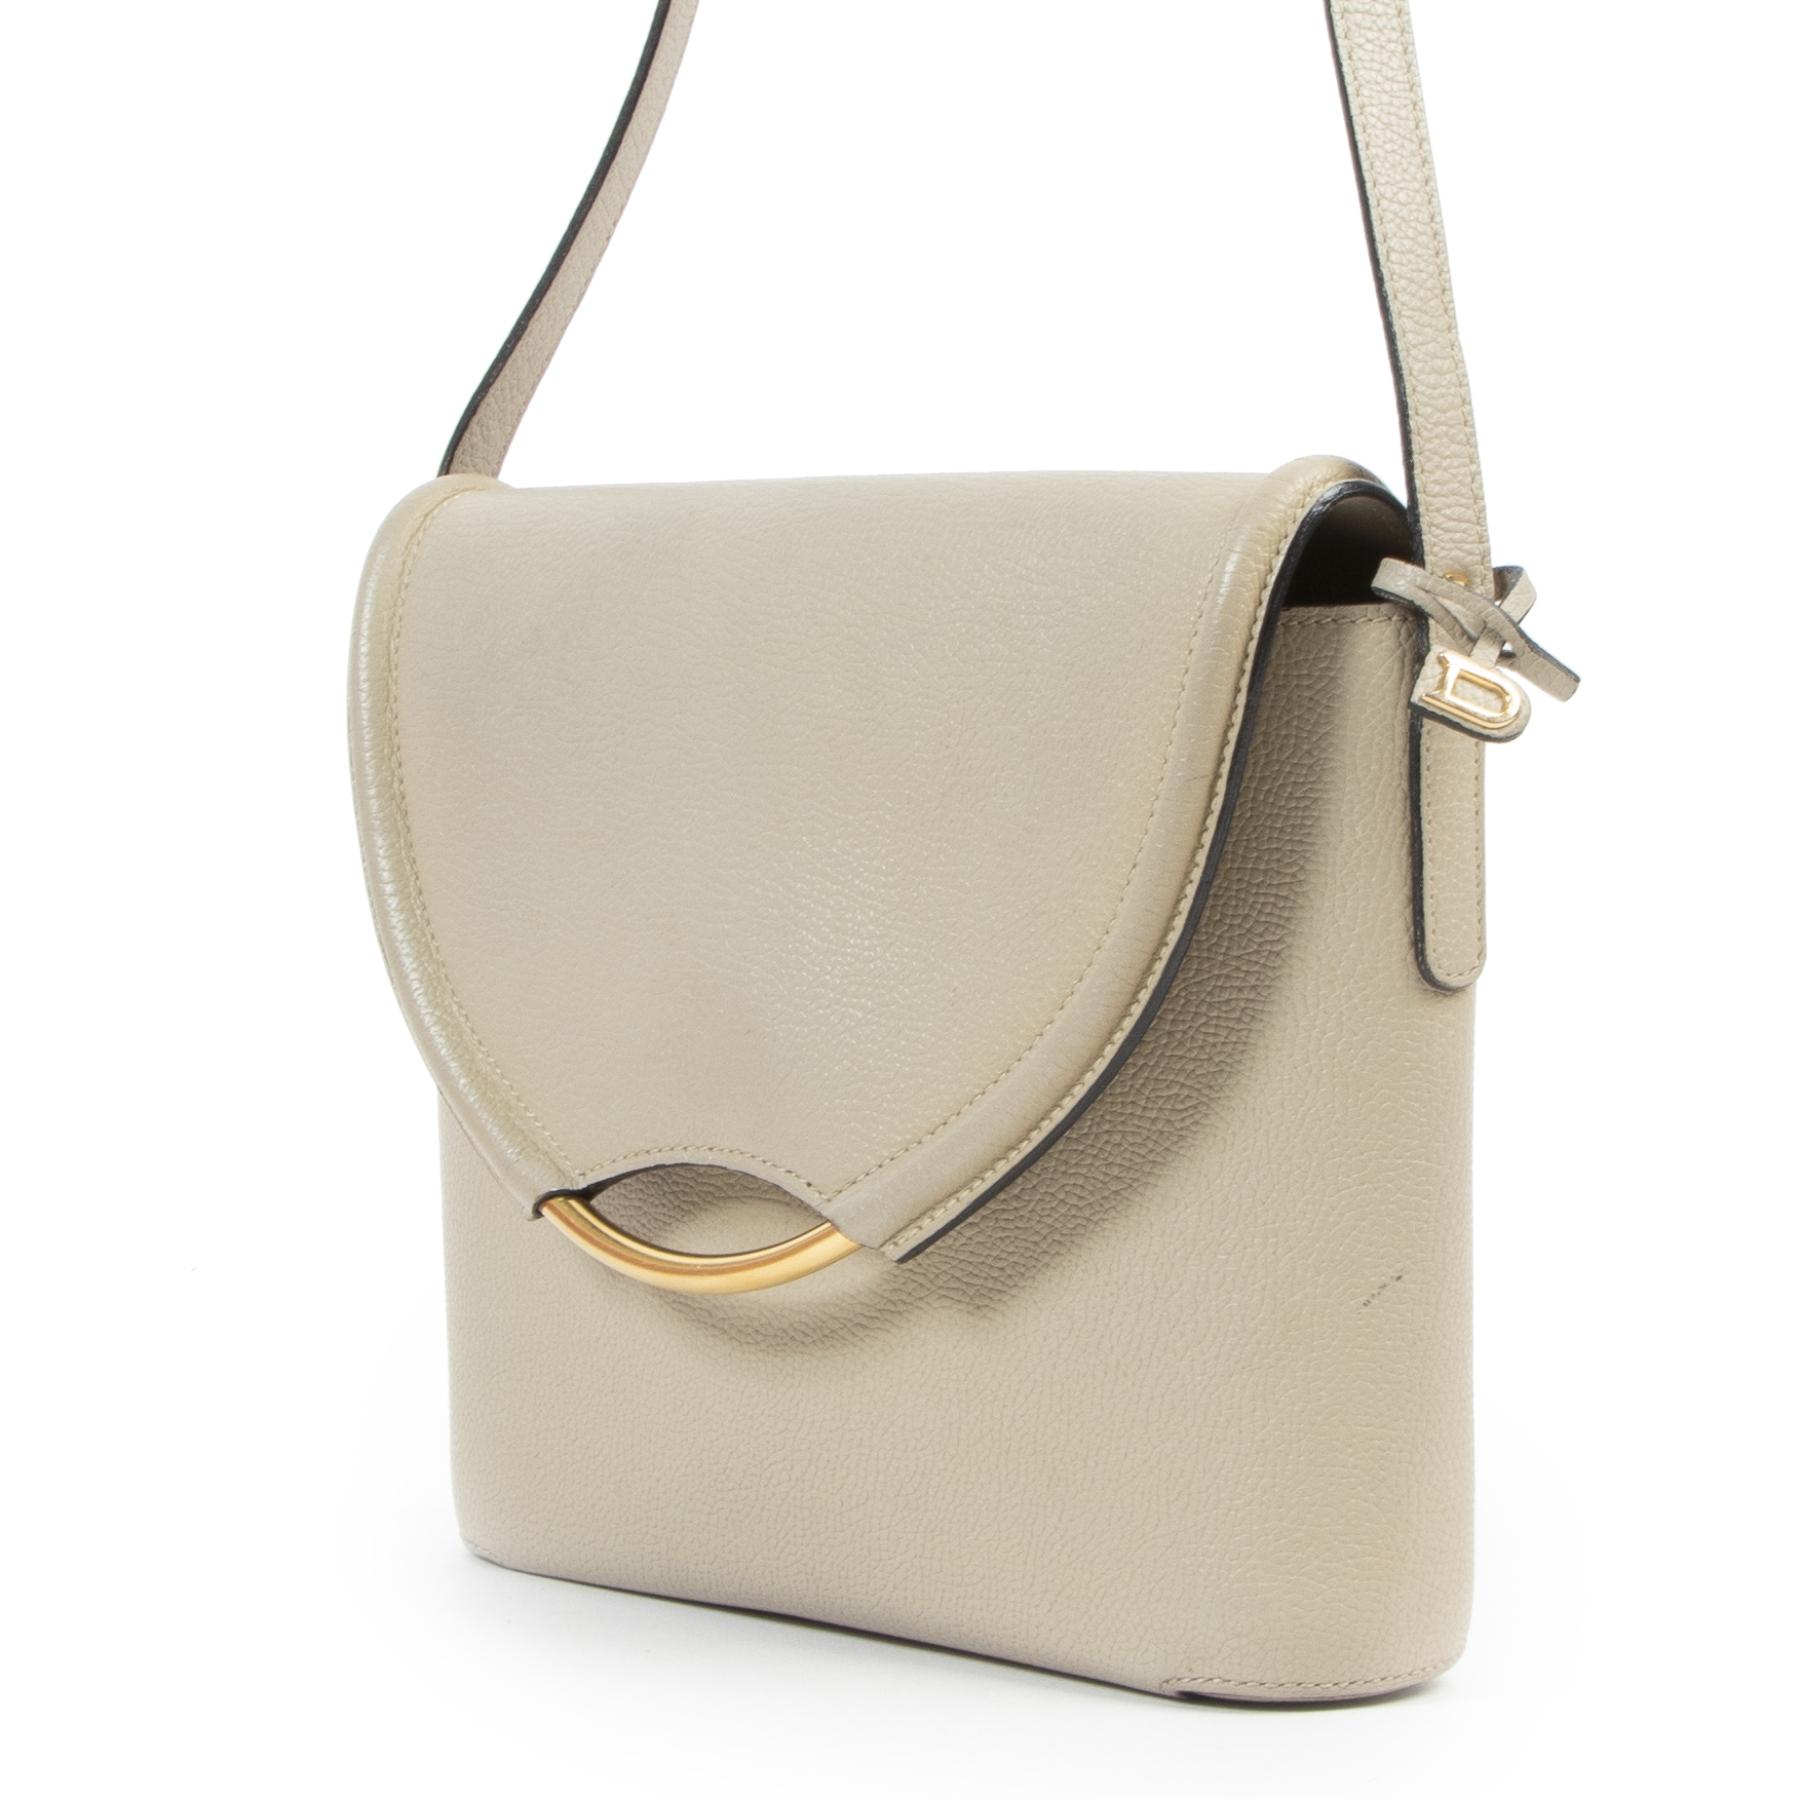 Achetez d'authentiques sacs à main Delvaux d'occasion à bon prix chez LabelLOV.